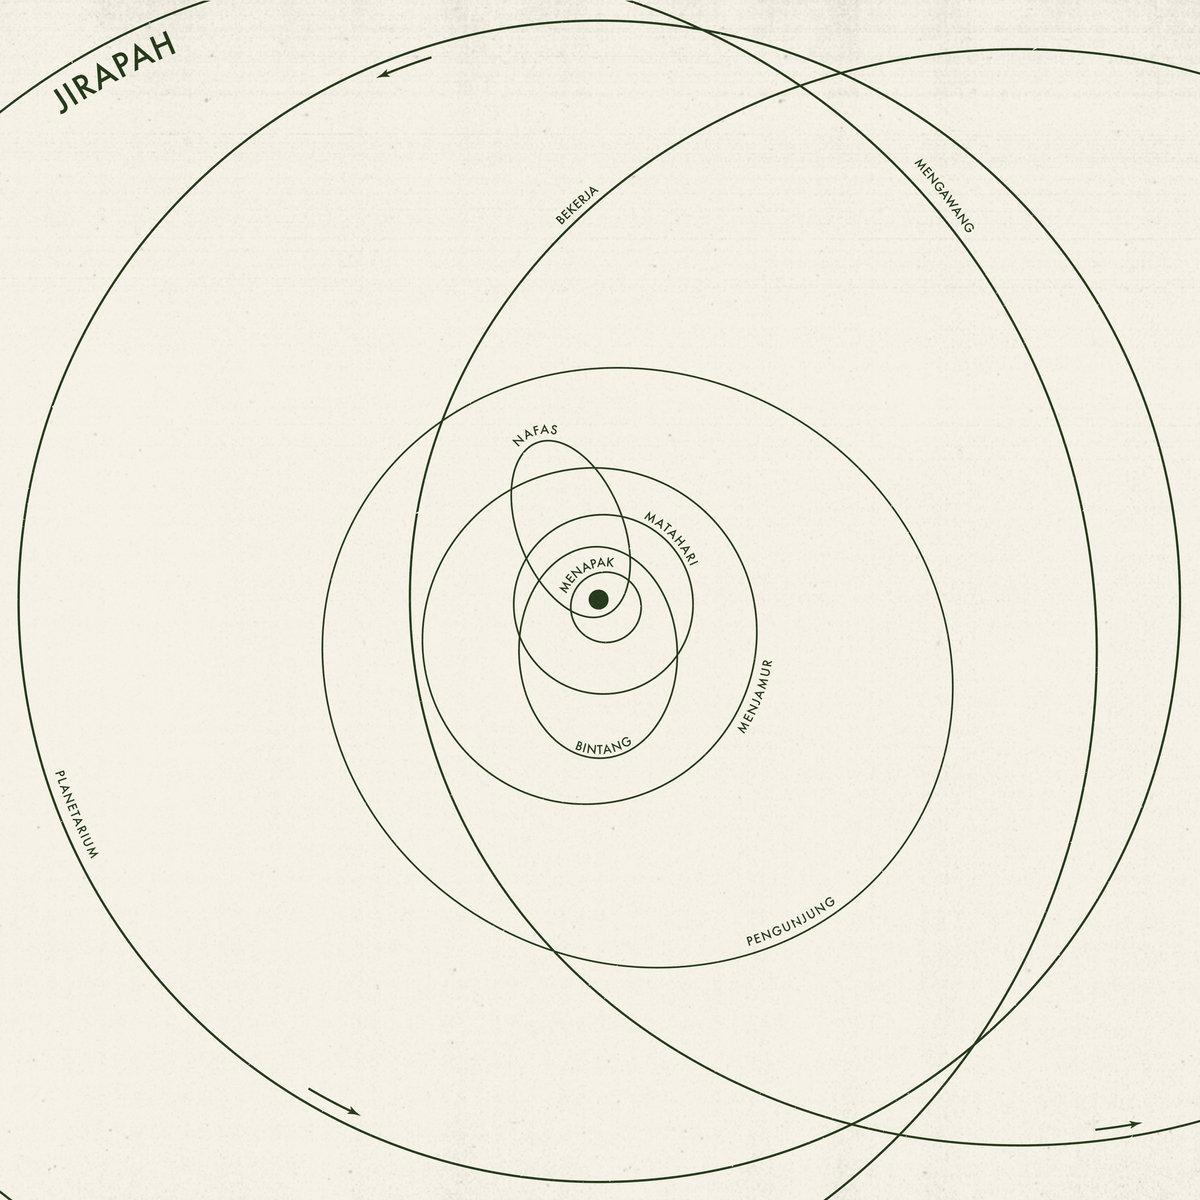 JIRAPAH – Planetarium